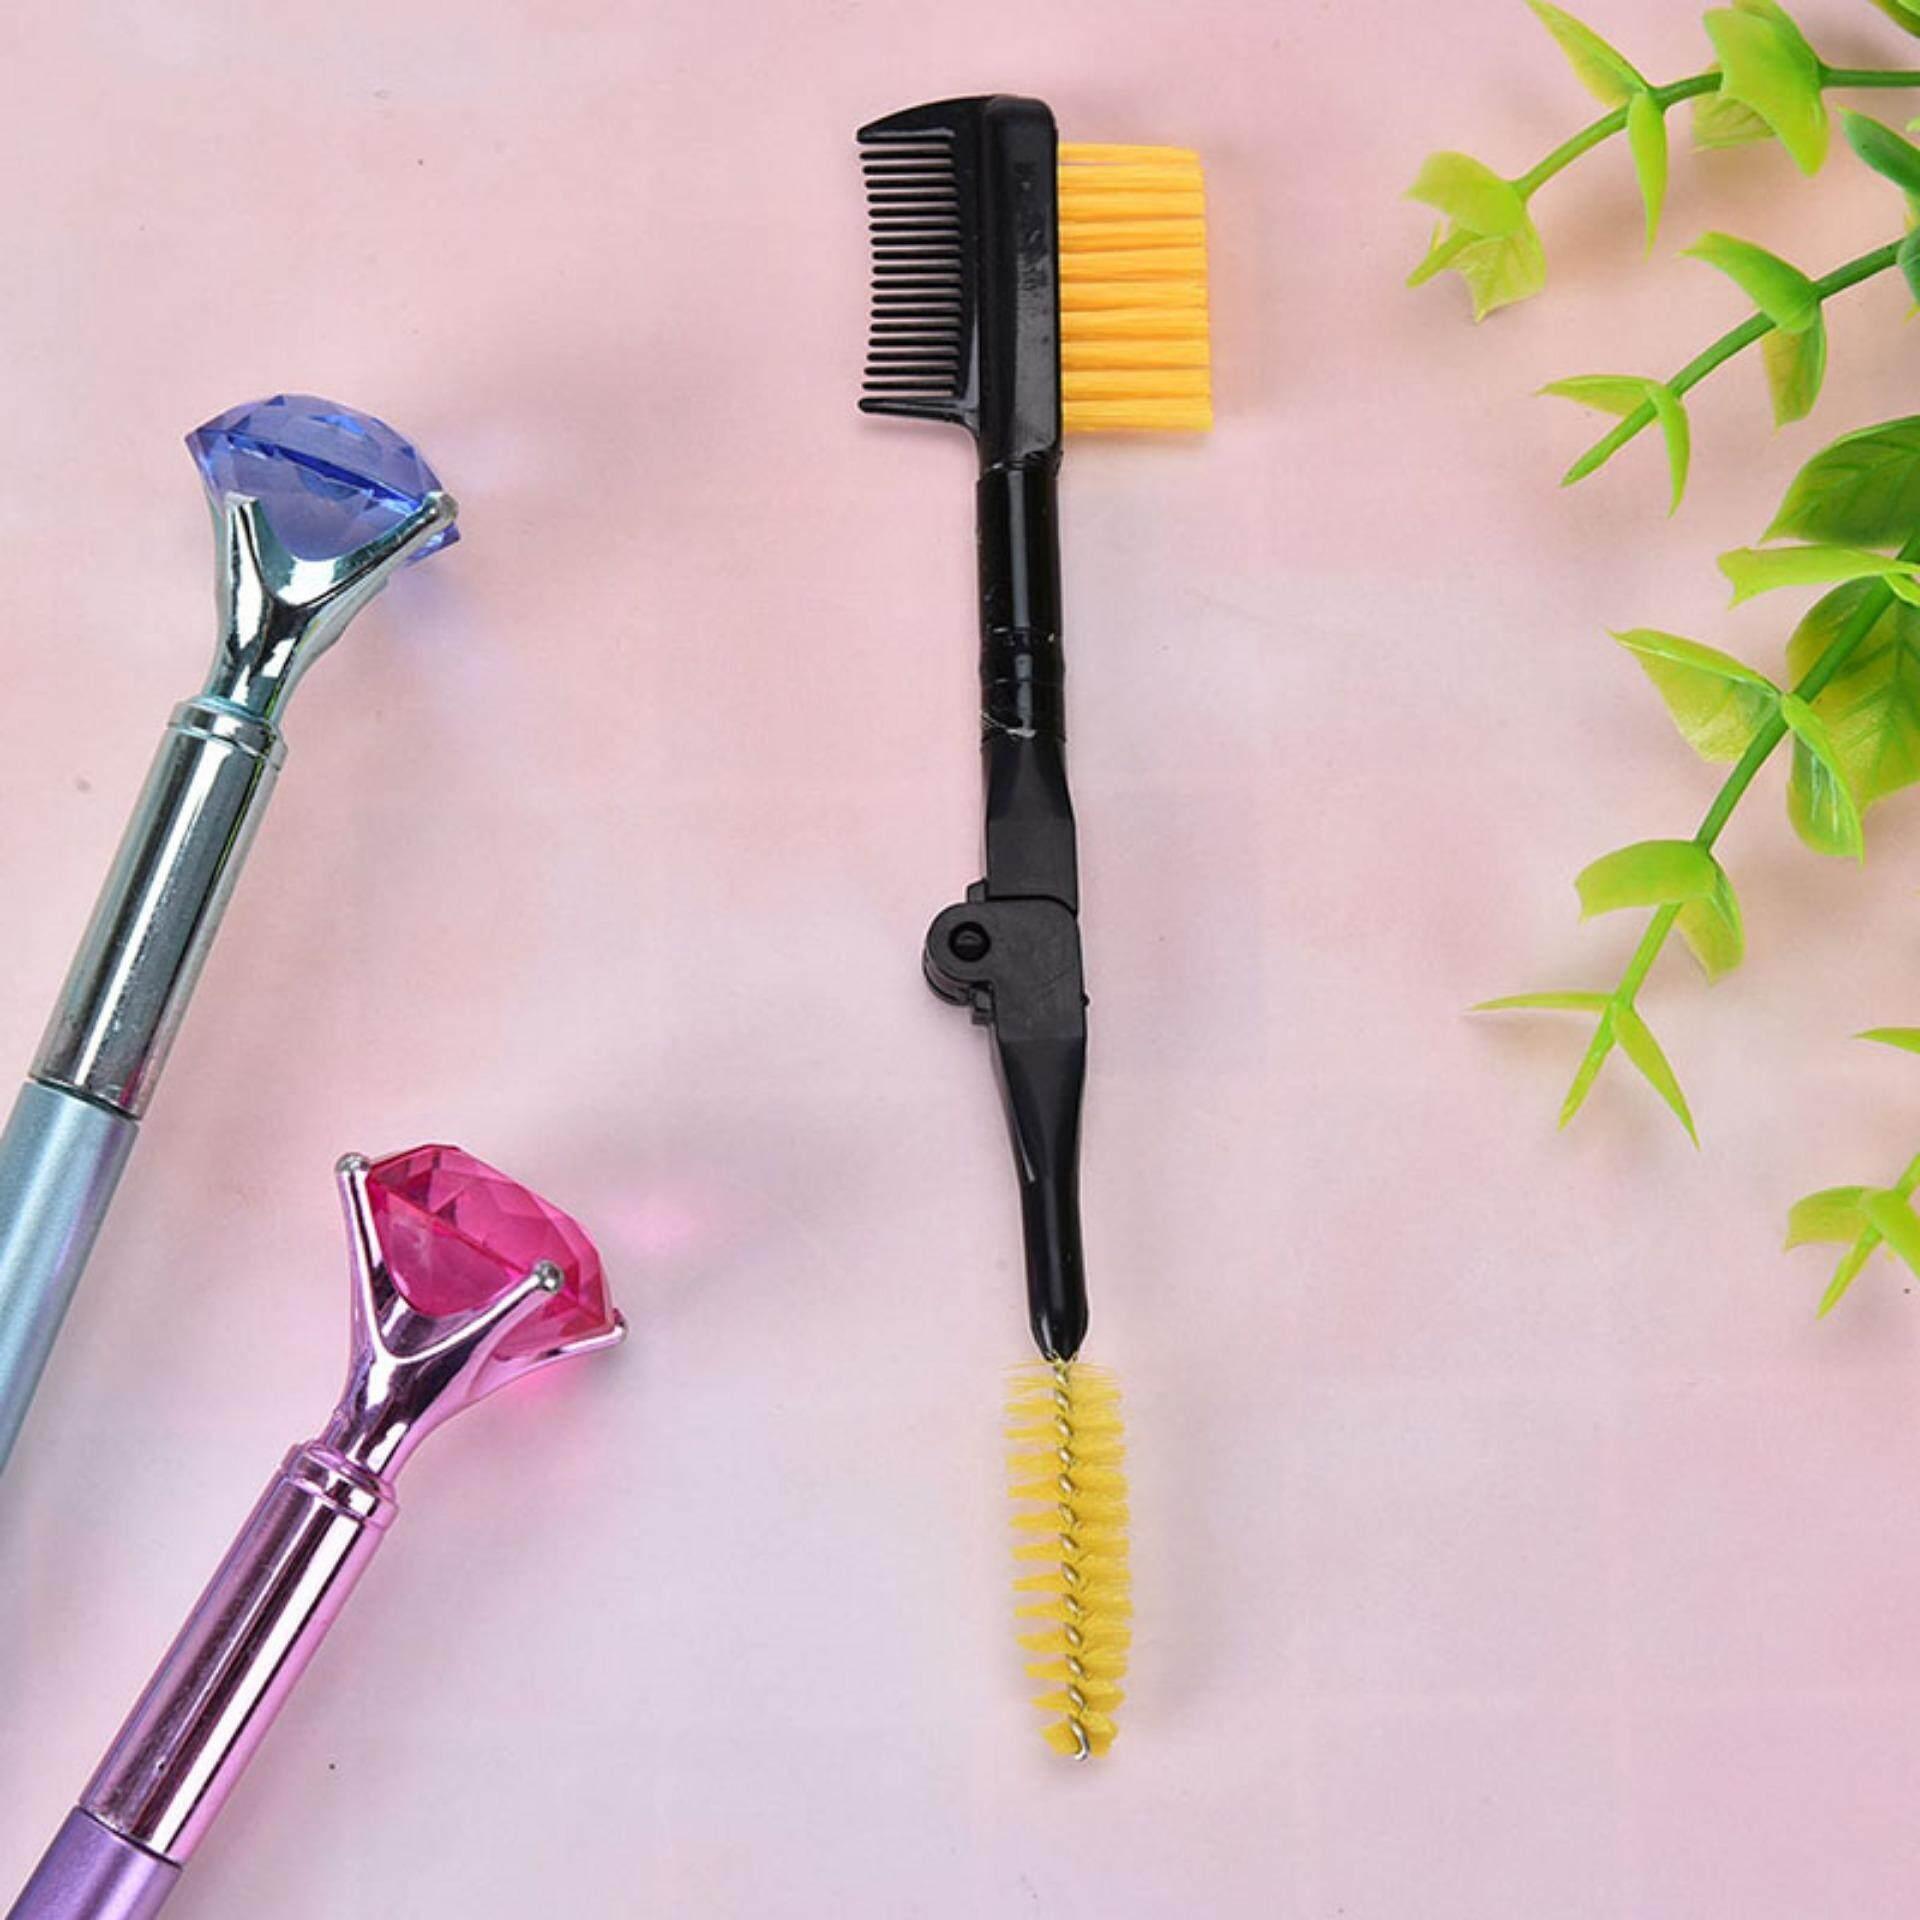 Ekstensi Bulu Mata Sikat Sisir Bulu Mata Alis Kosmetik Makeup Supply untuk Wanita